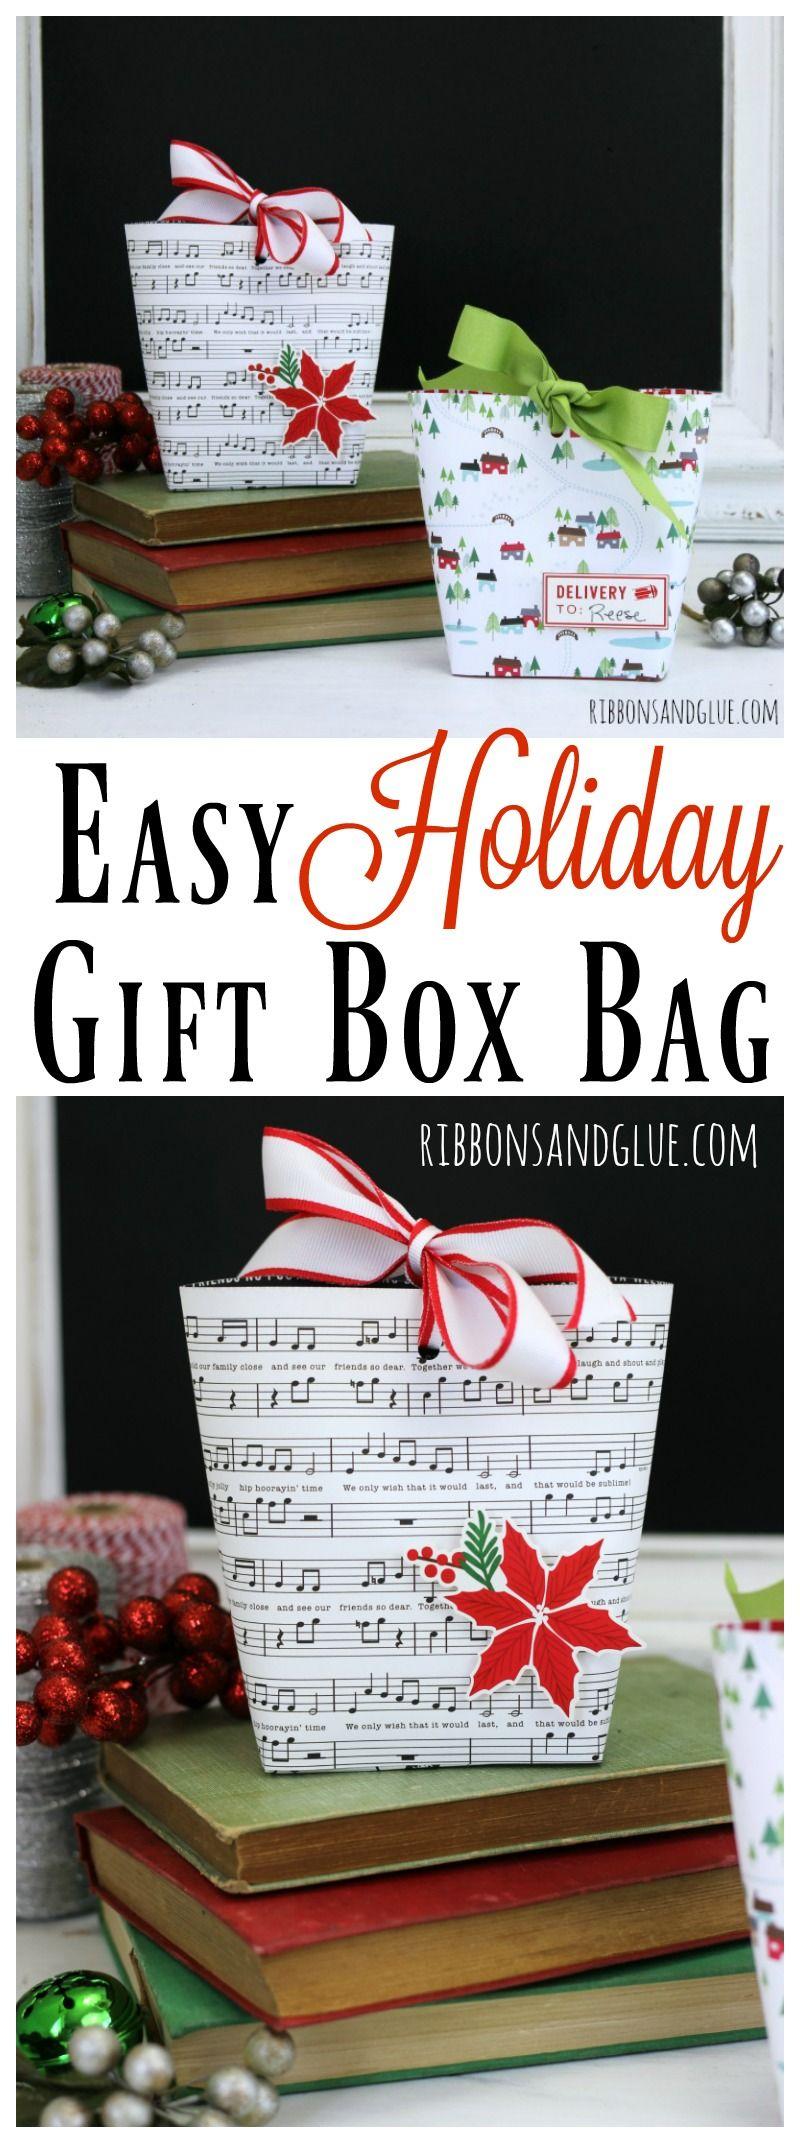 Easy Gift Box Bag